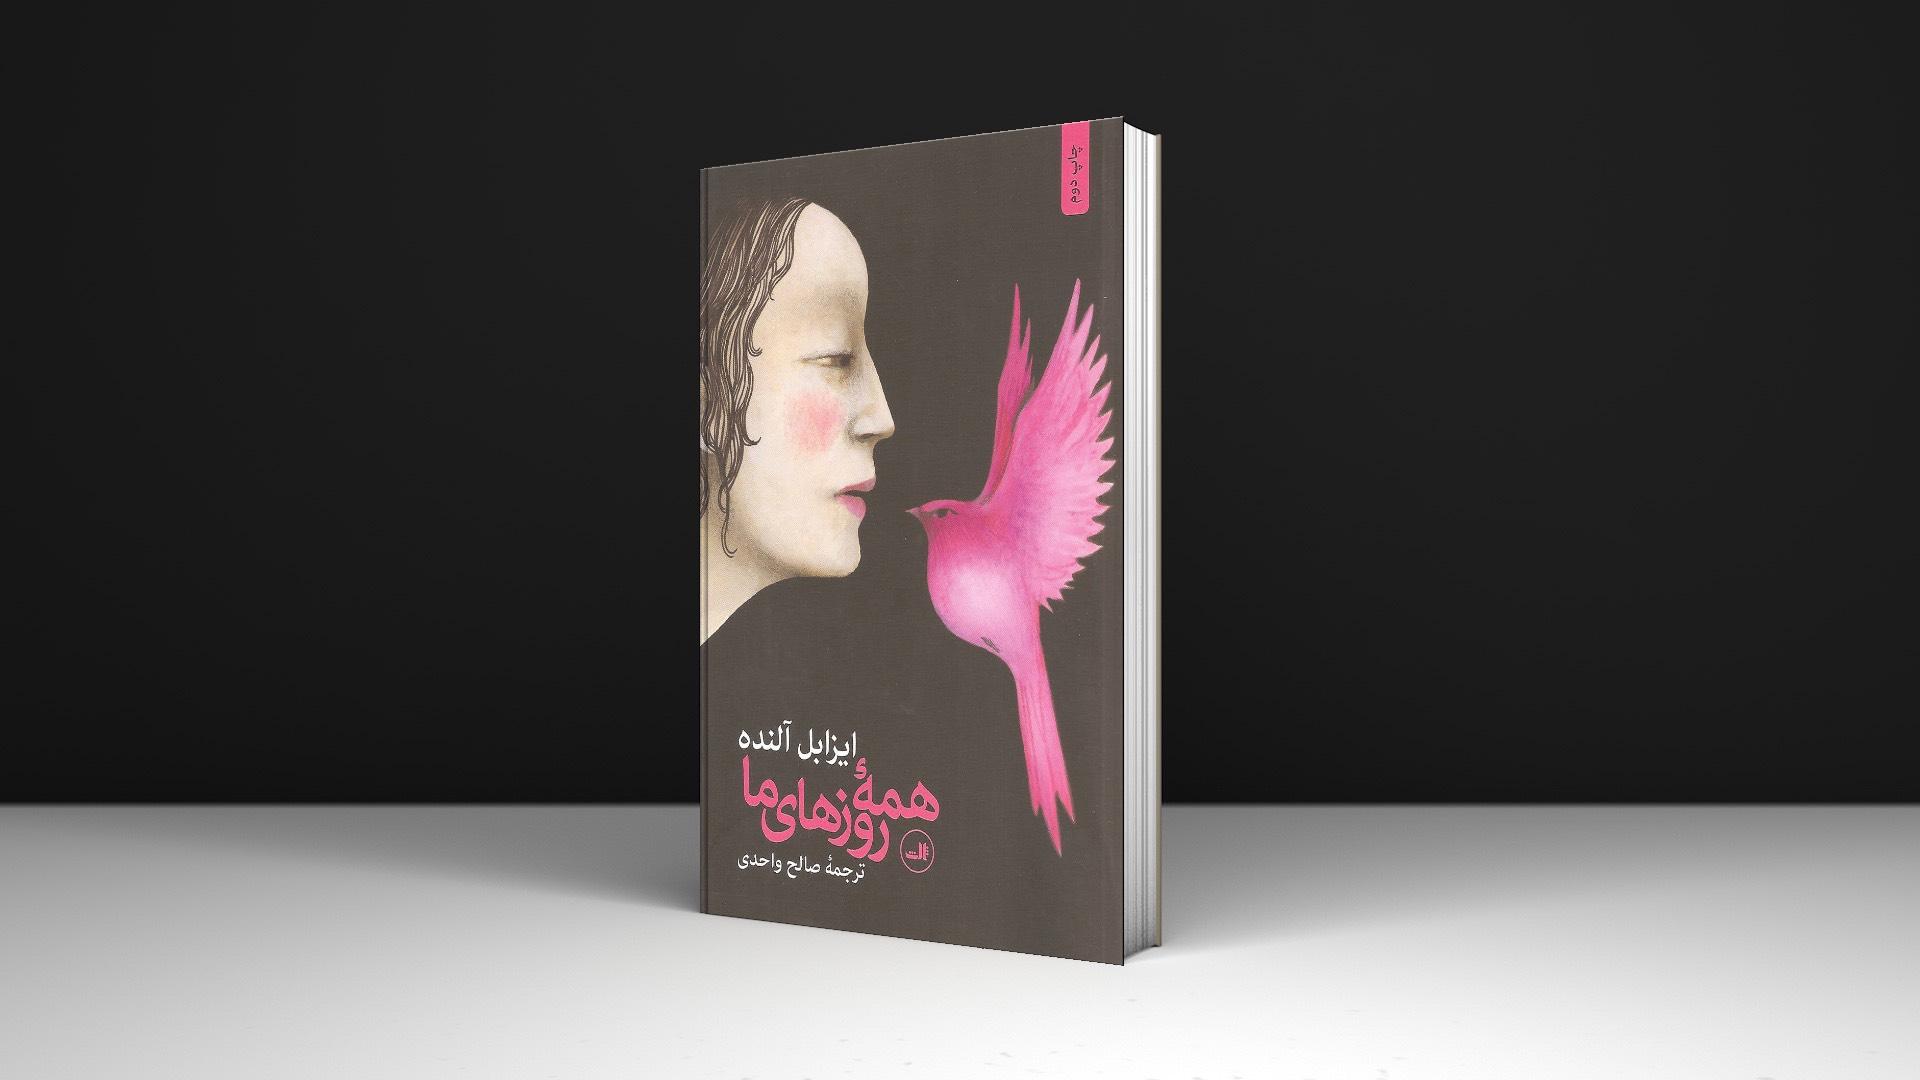 کتاب همه روزهای ما اثر ایزابل آلنده